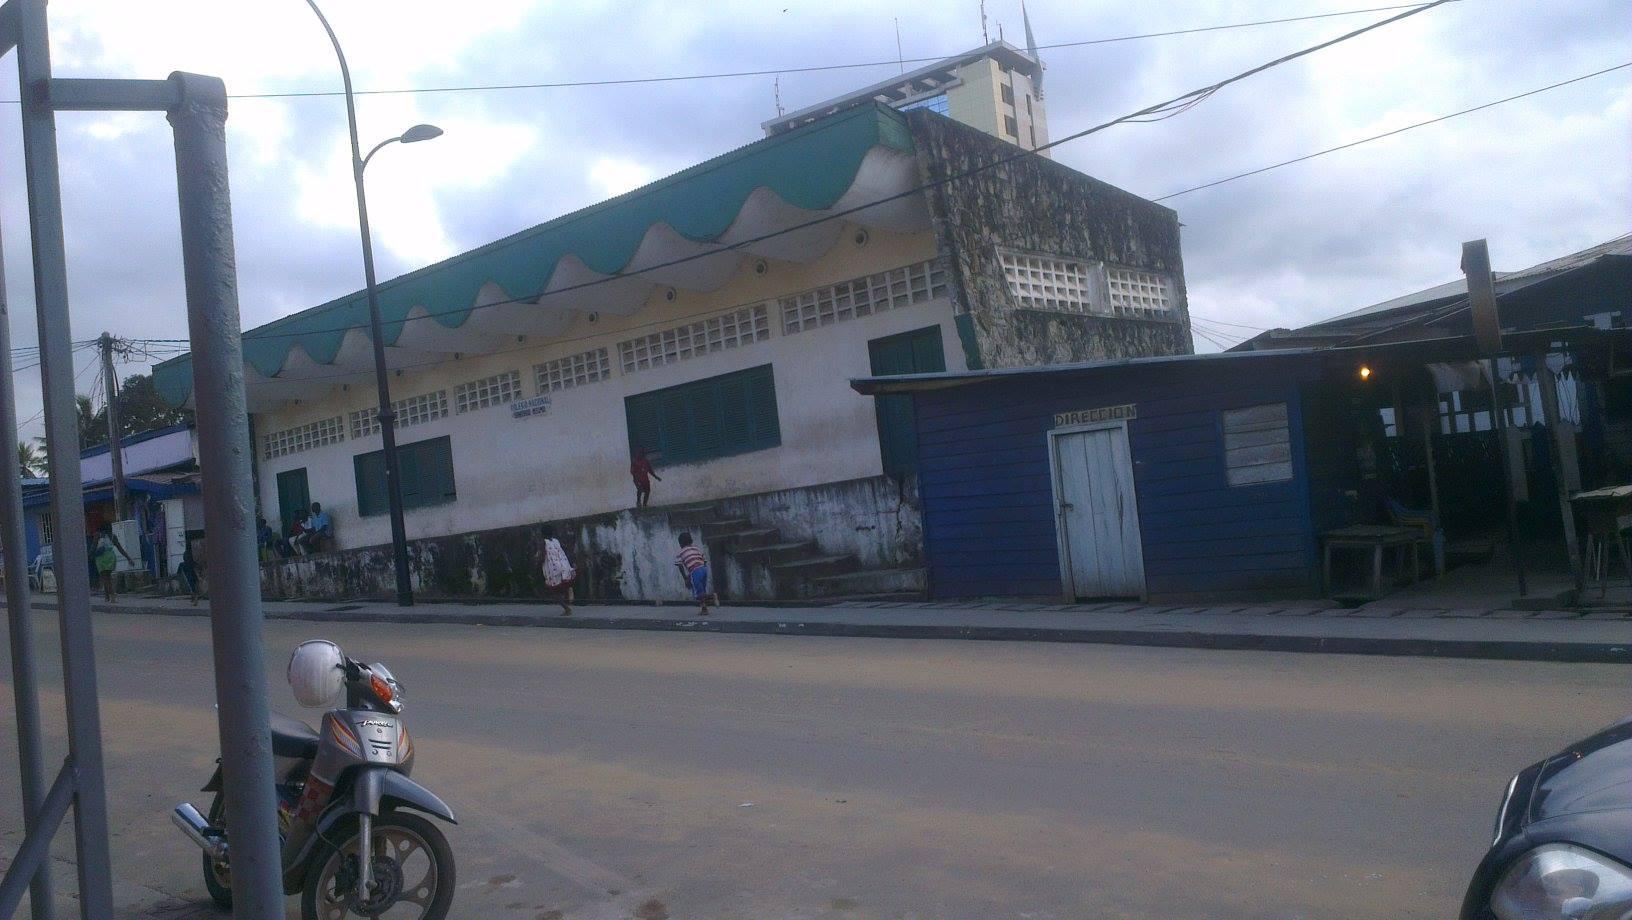 El edificio blanco es el colegio que lleva más de 15 años. La casita azul era una tienda de alimentos y ahora es la dirección del centro.